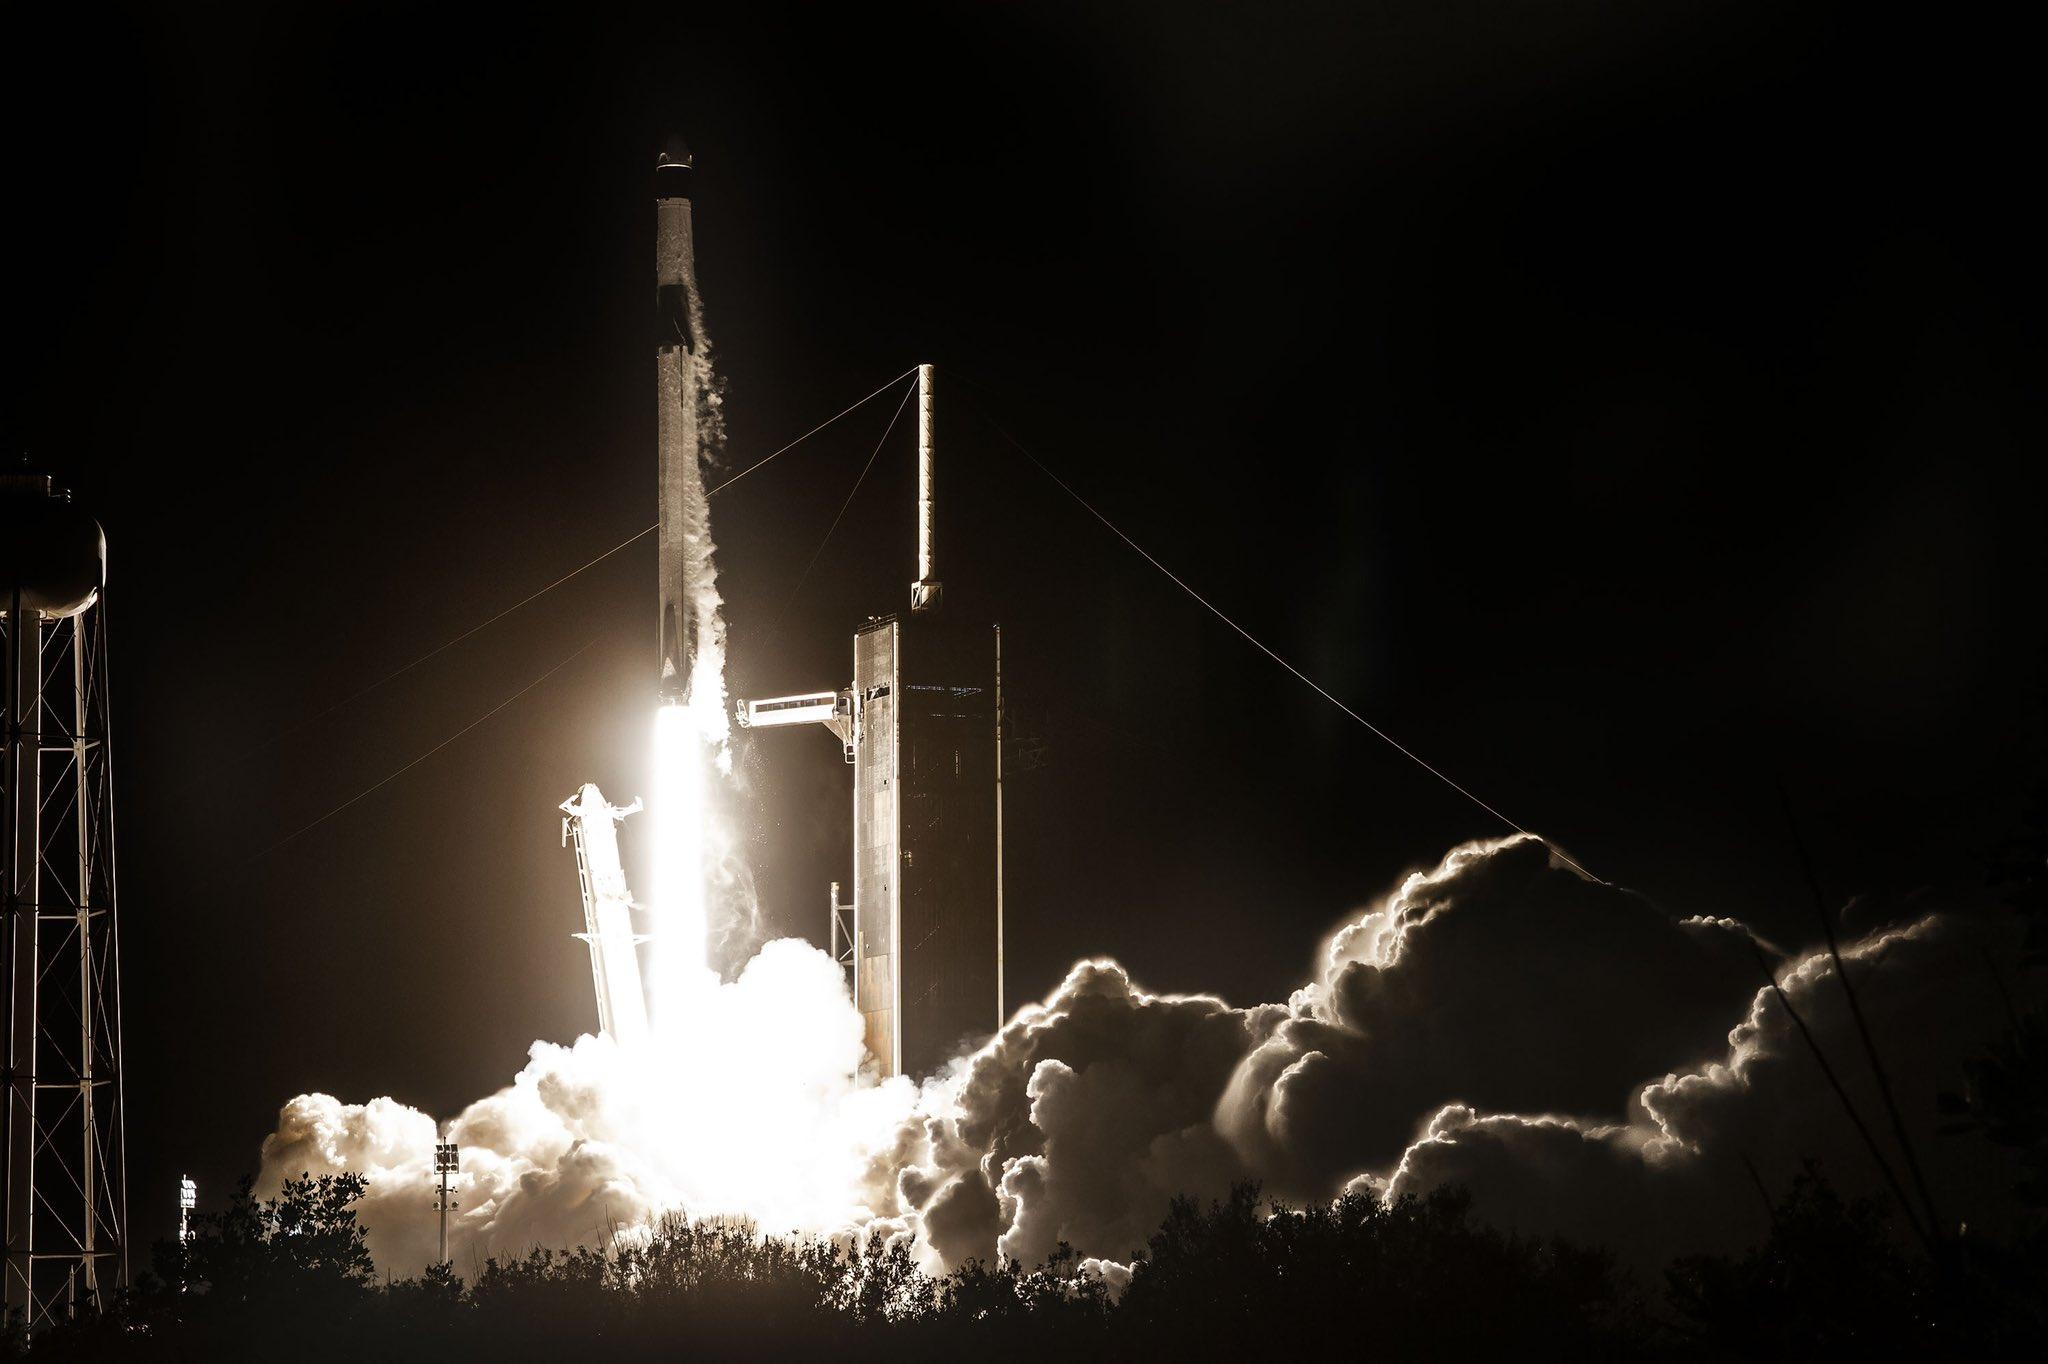 La nave espacial Endeavour en su despegue hacia la estación espacila internacional